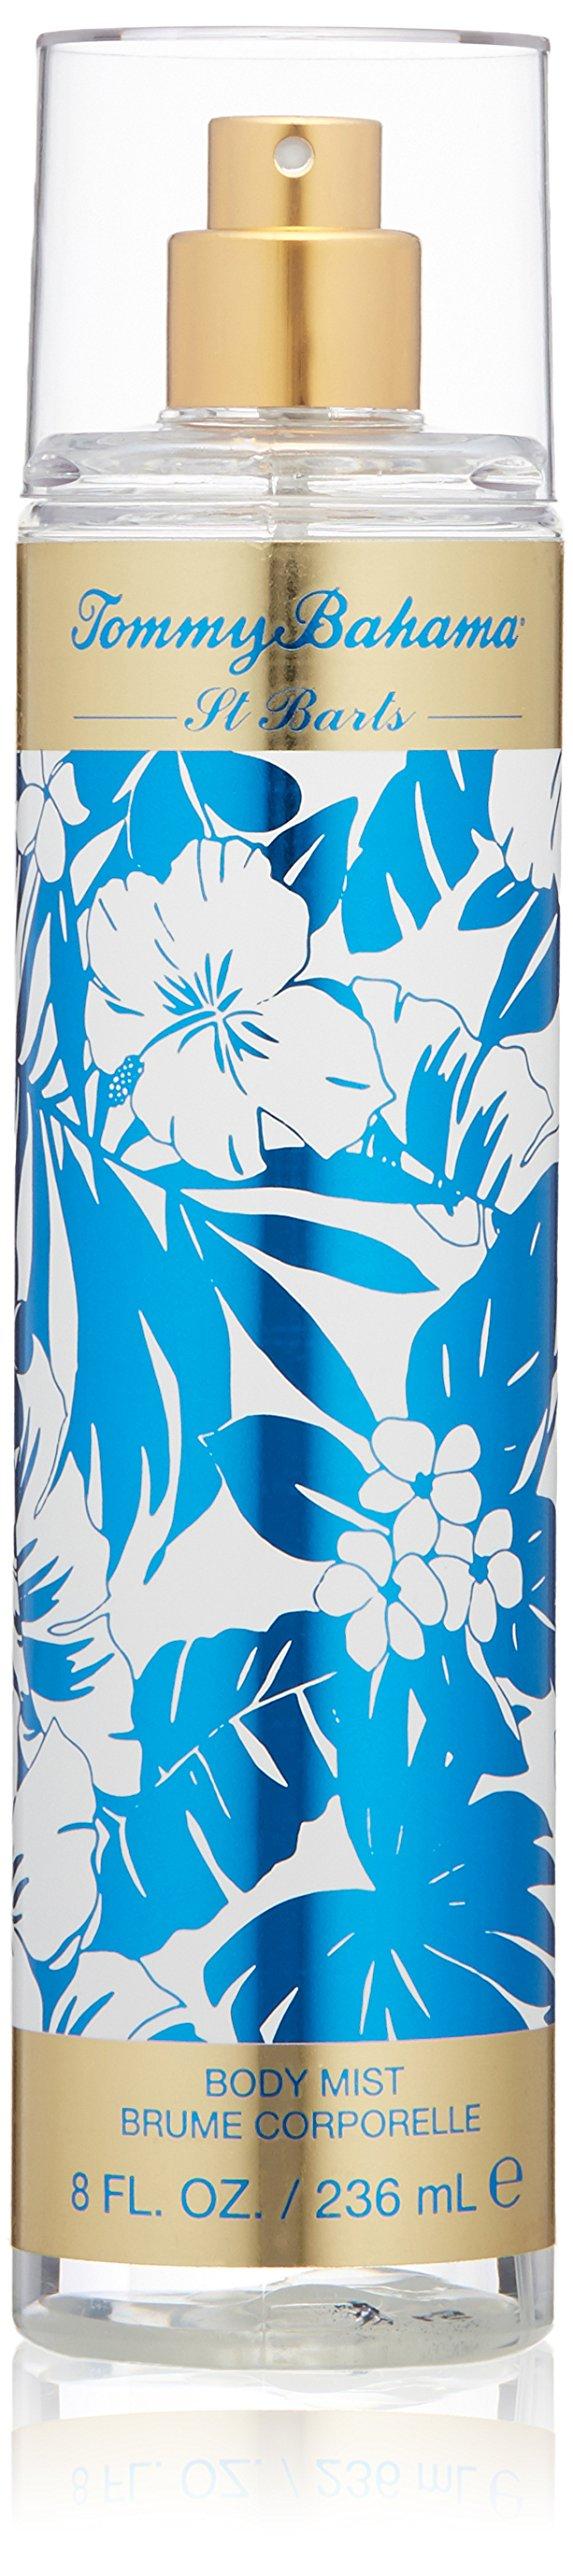 Tommy Bahama St. Barts Body Spray, 8.0 Fl Oz